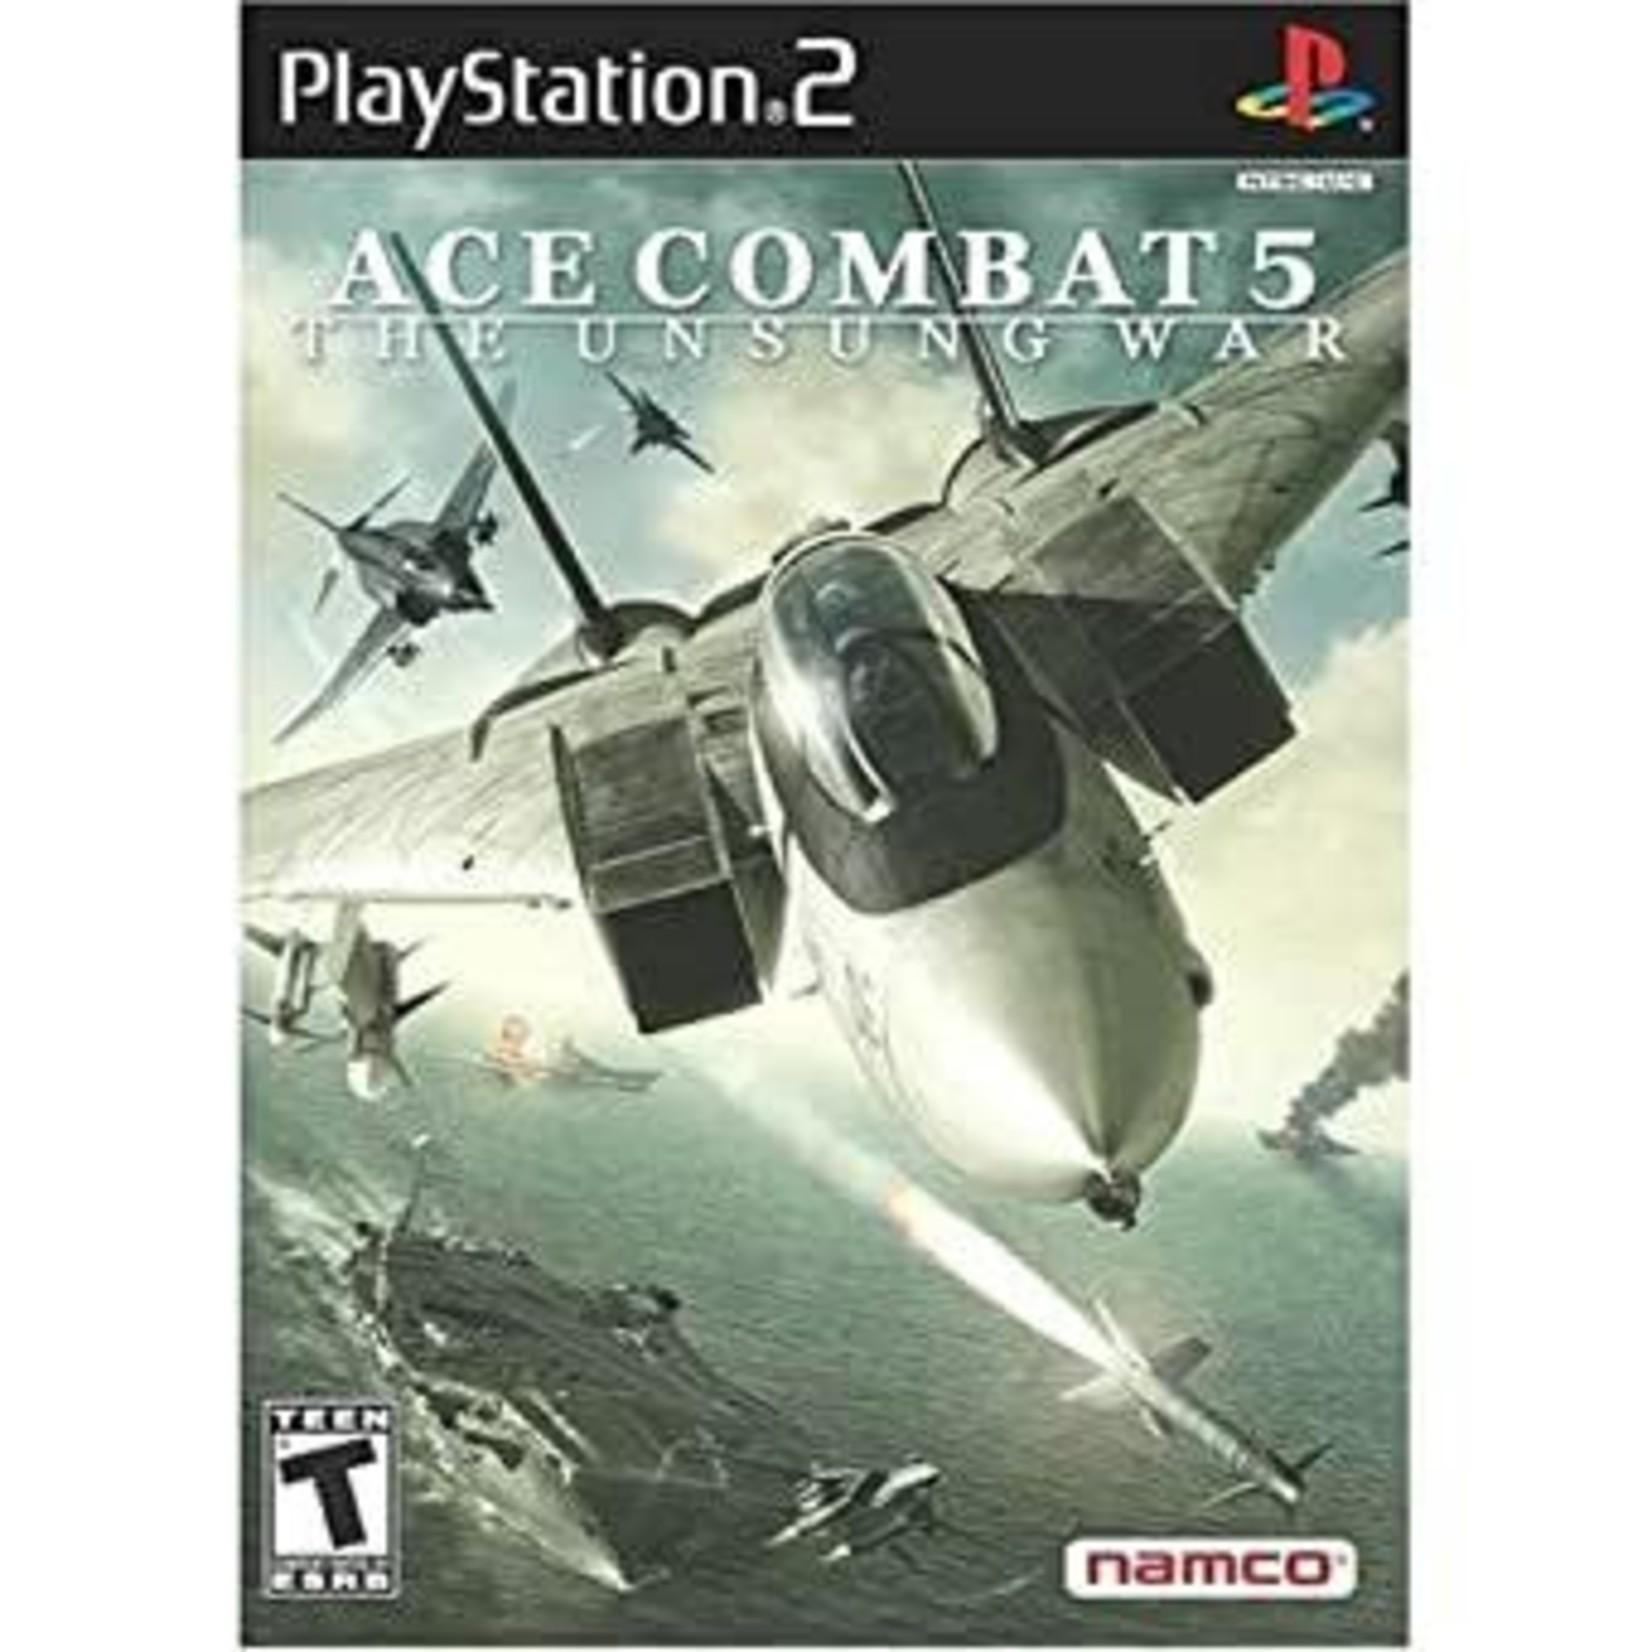 PS2u-Ace Combat 5 The Unsung War